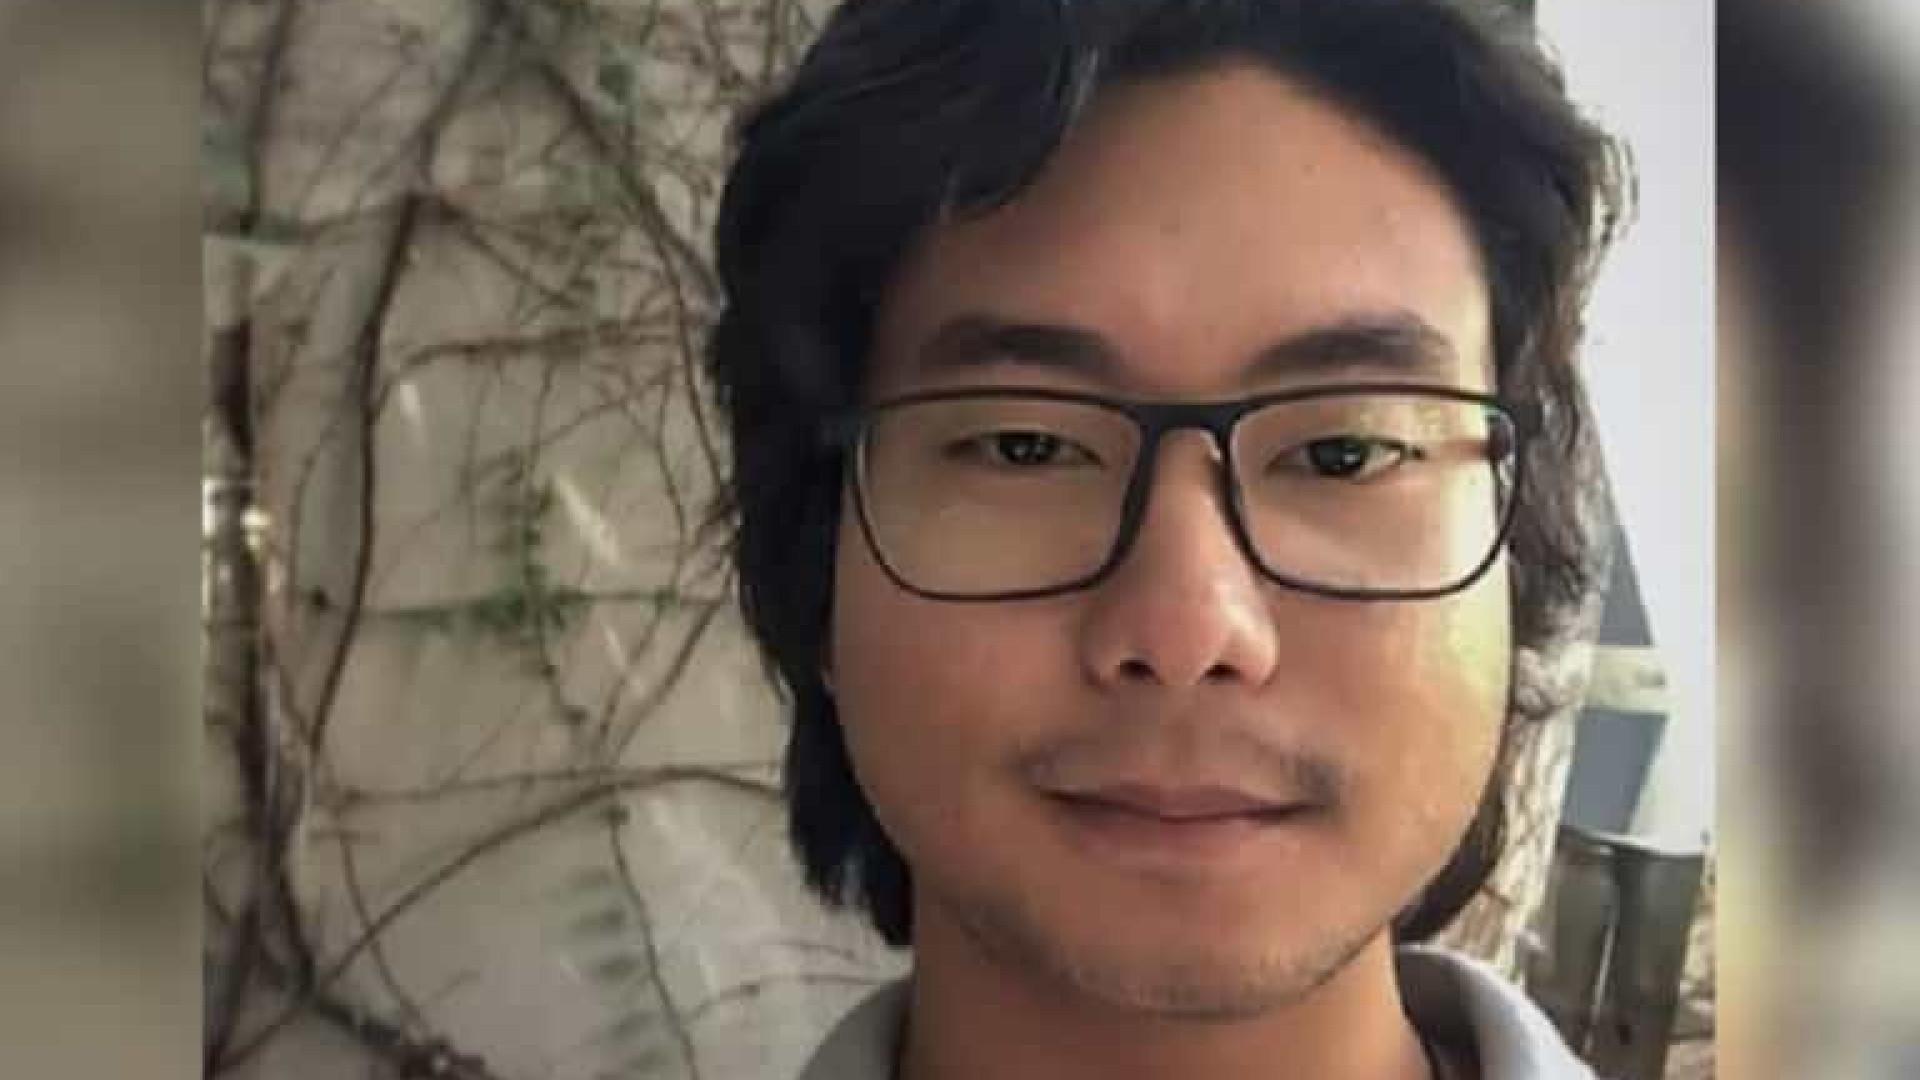 Justiça homologa delação de investigado por hackear Moro e autoridades